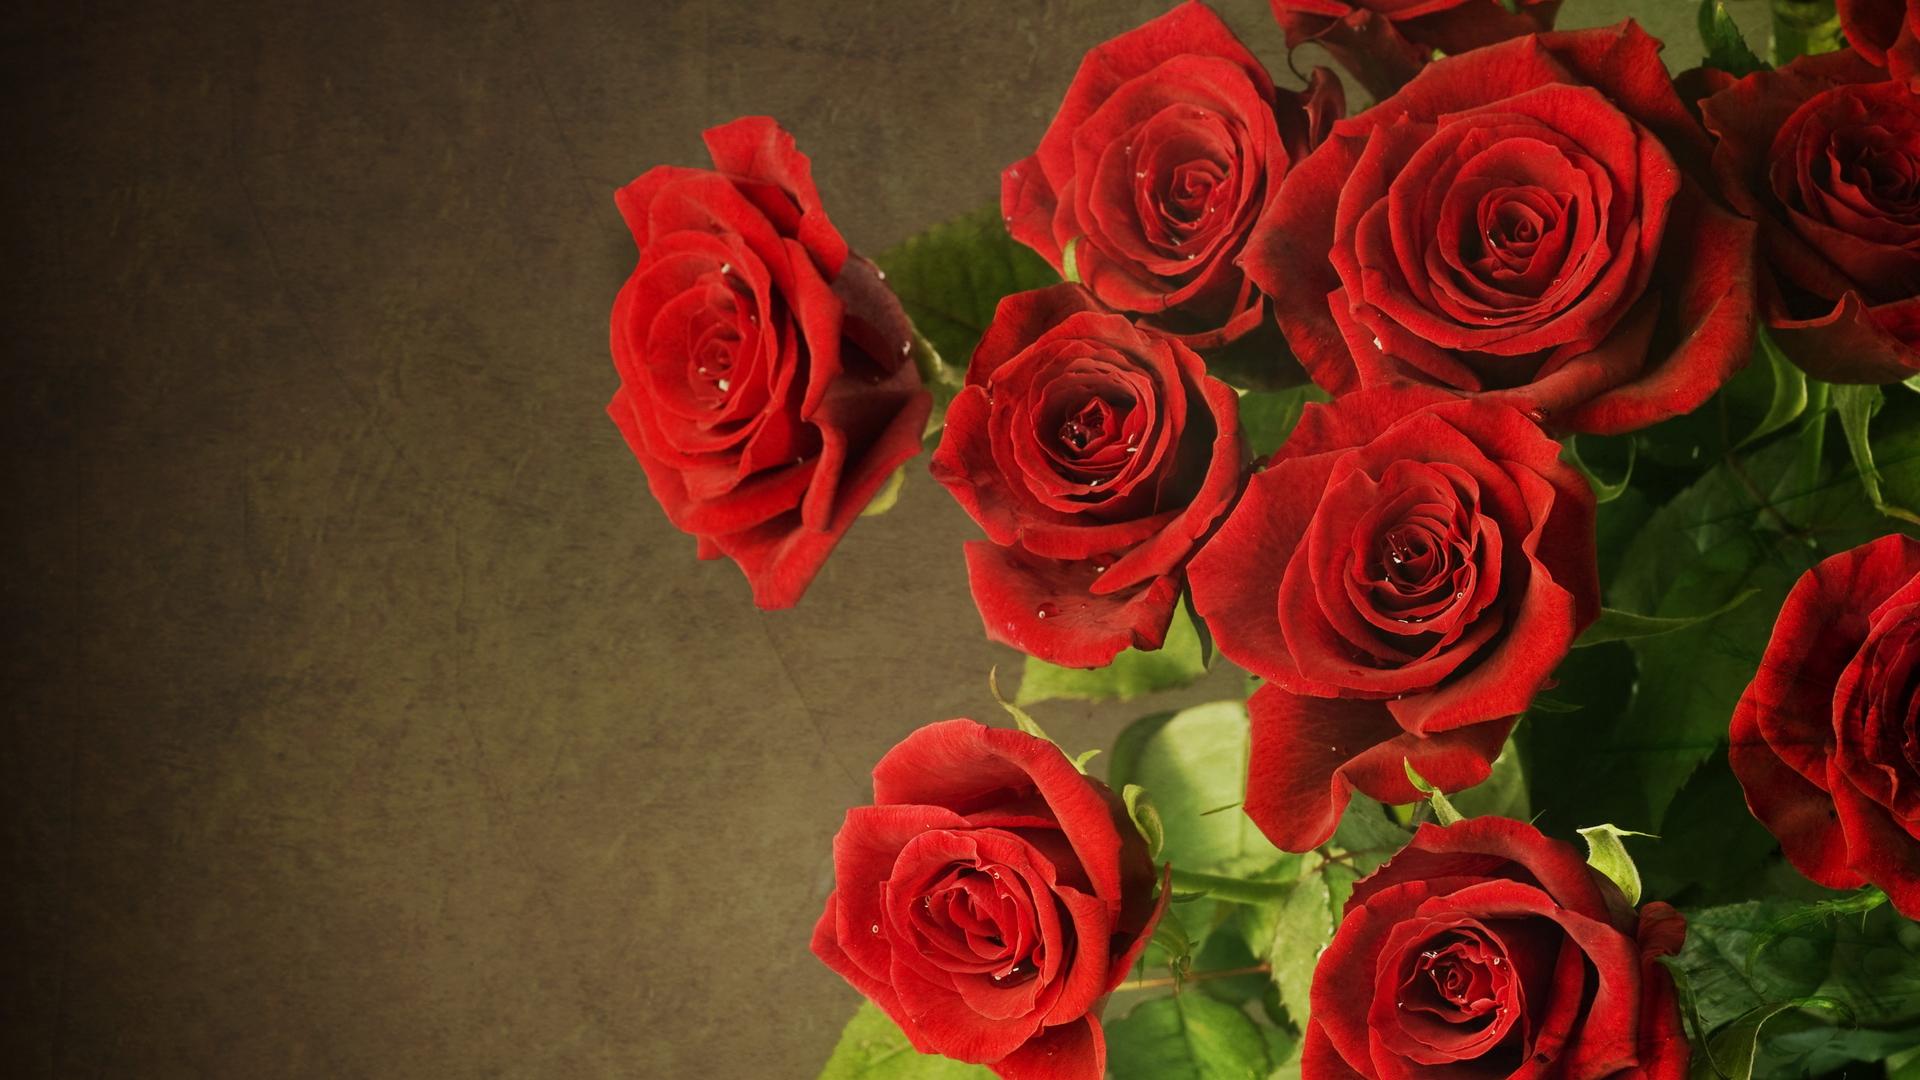 Обои на рабочий стол роза красная